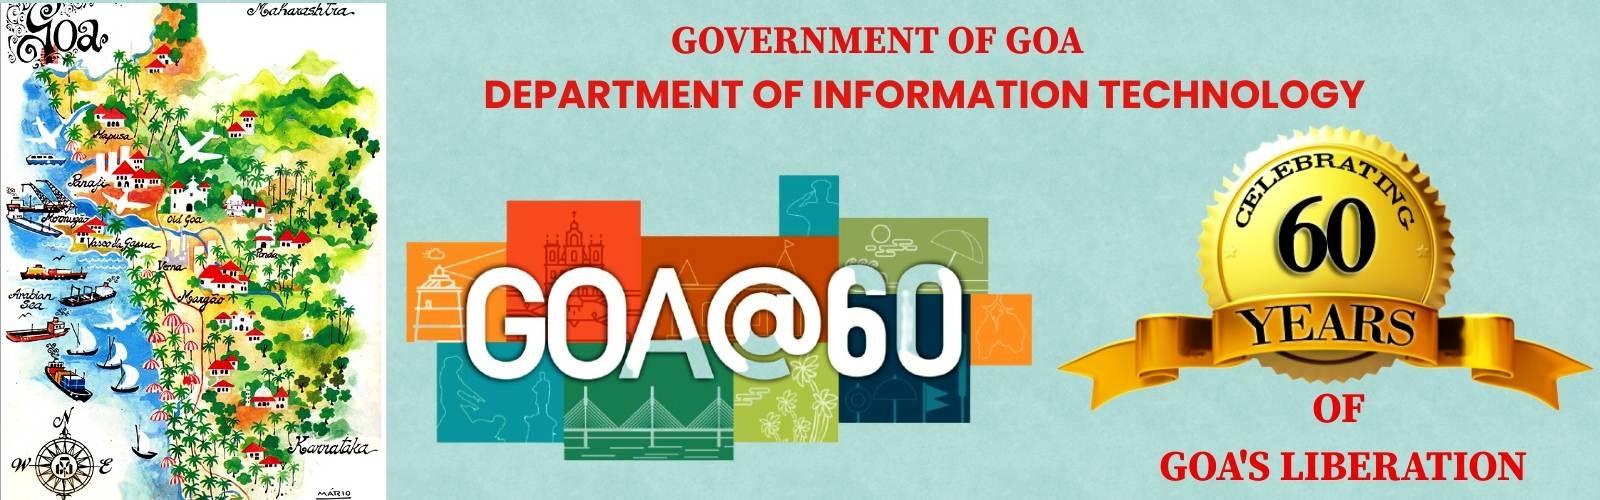 Goa's 60 years